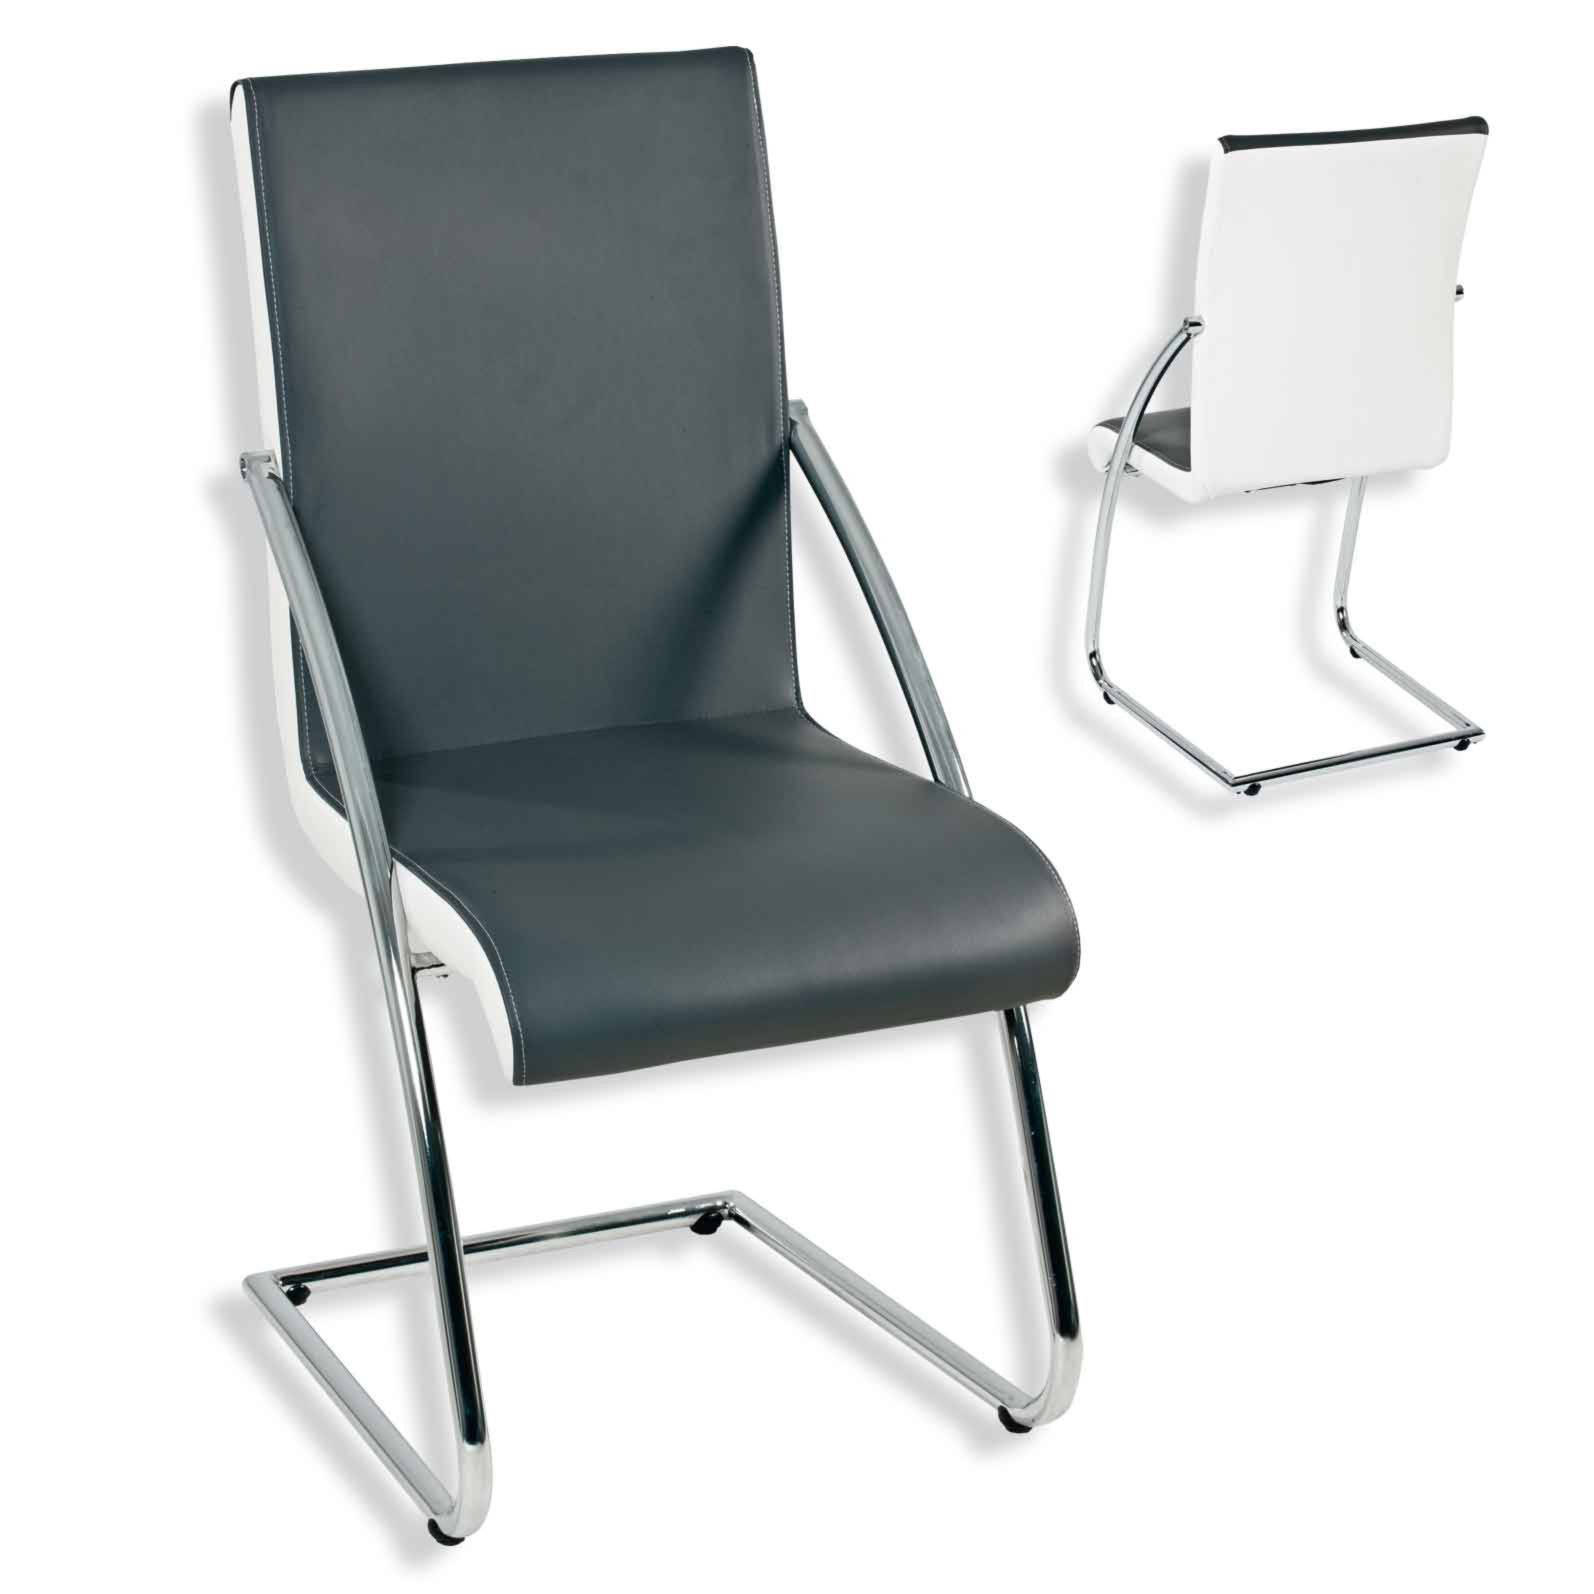 Stühle weiß grau  Schwingstuhl SOPHIE - grau-weiß - Kunstleder | Freischwinger ...